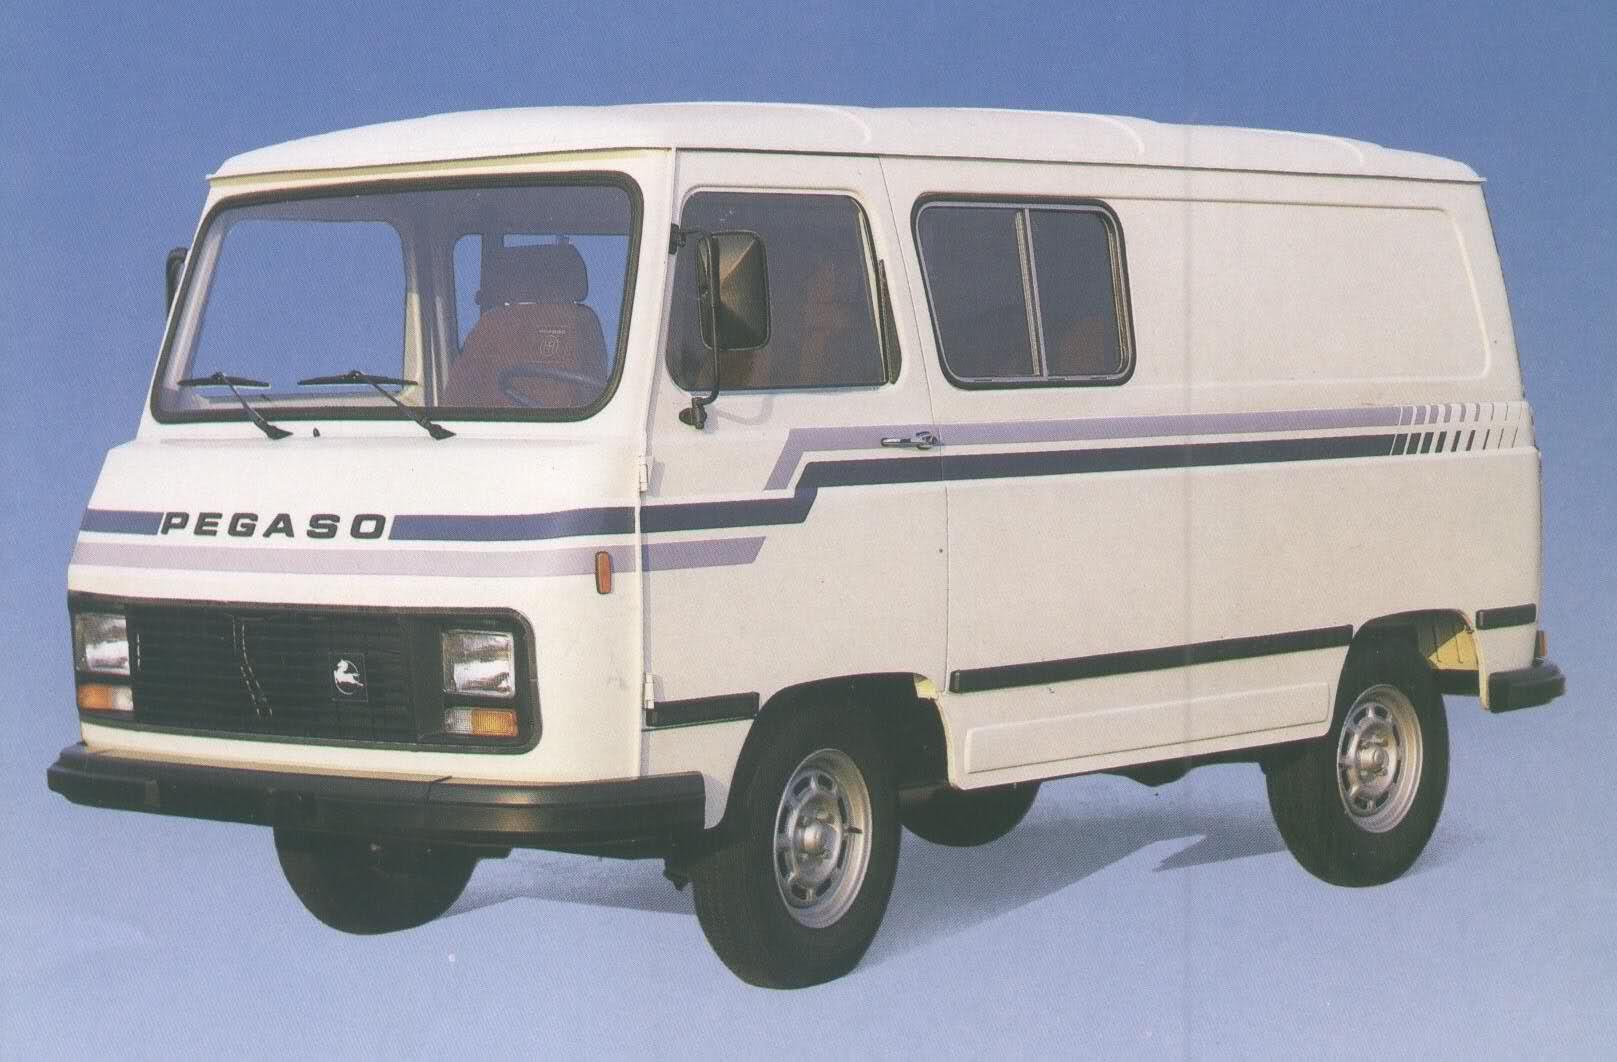 La furgoneta Sava Pegaso J4, evolucionó en sus conceptos sin dejar de ser un vehiculo de carga y trasporte de pasajeros.